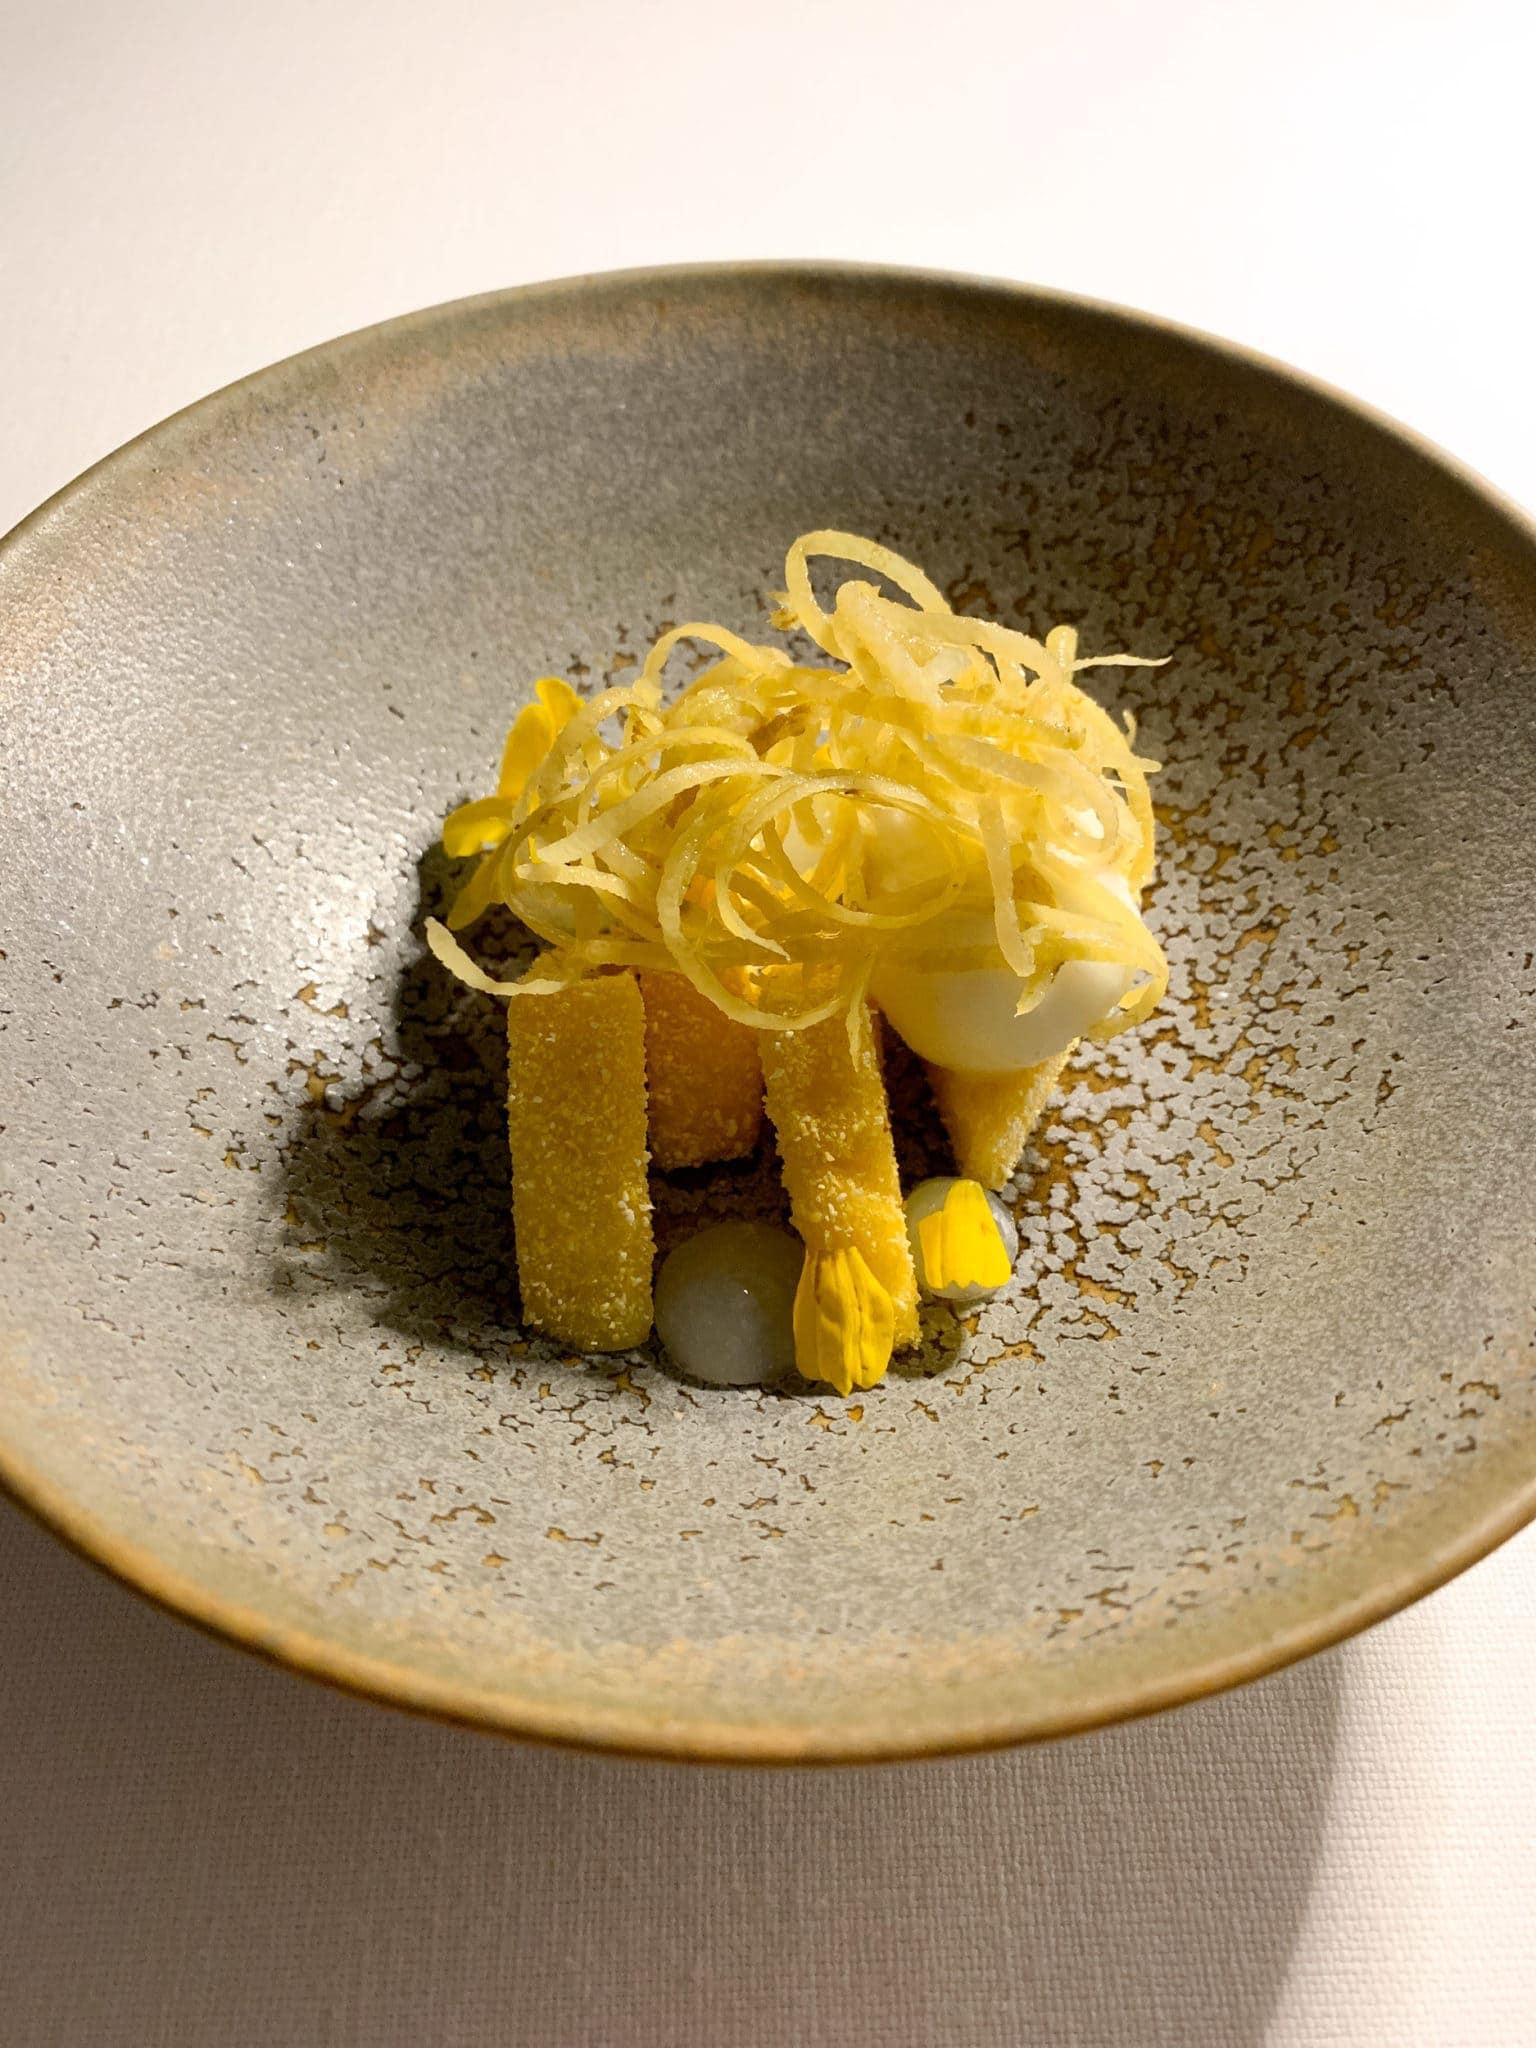 Crispy polenta with lemon zest and ice cream